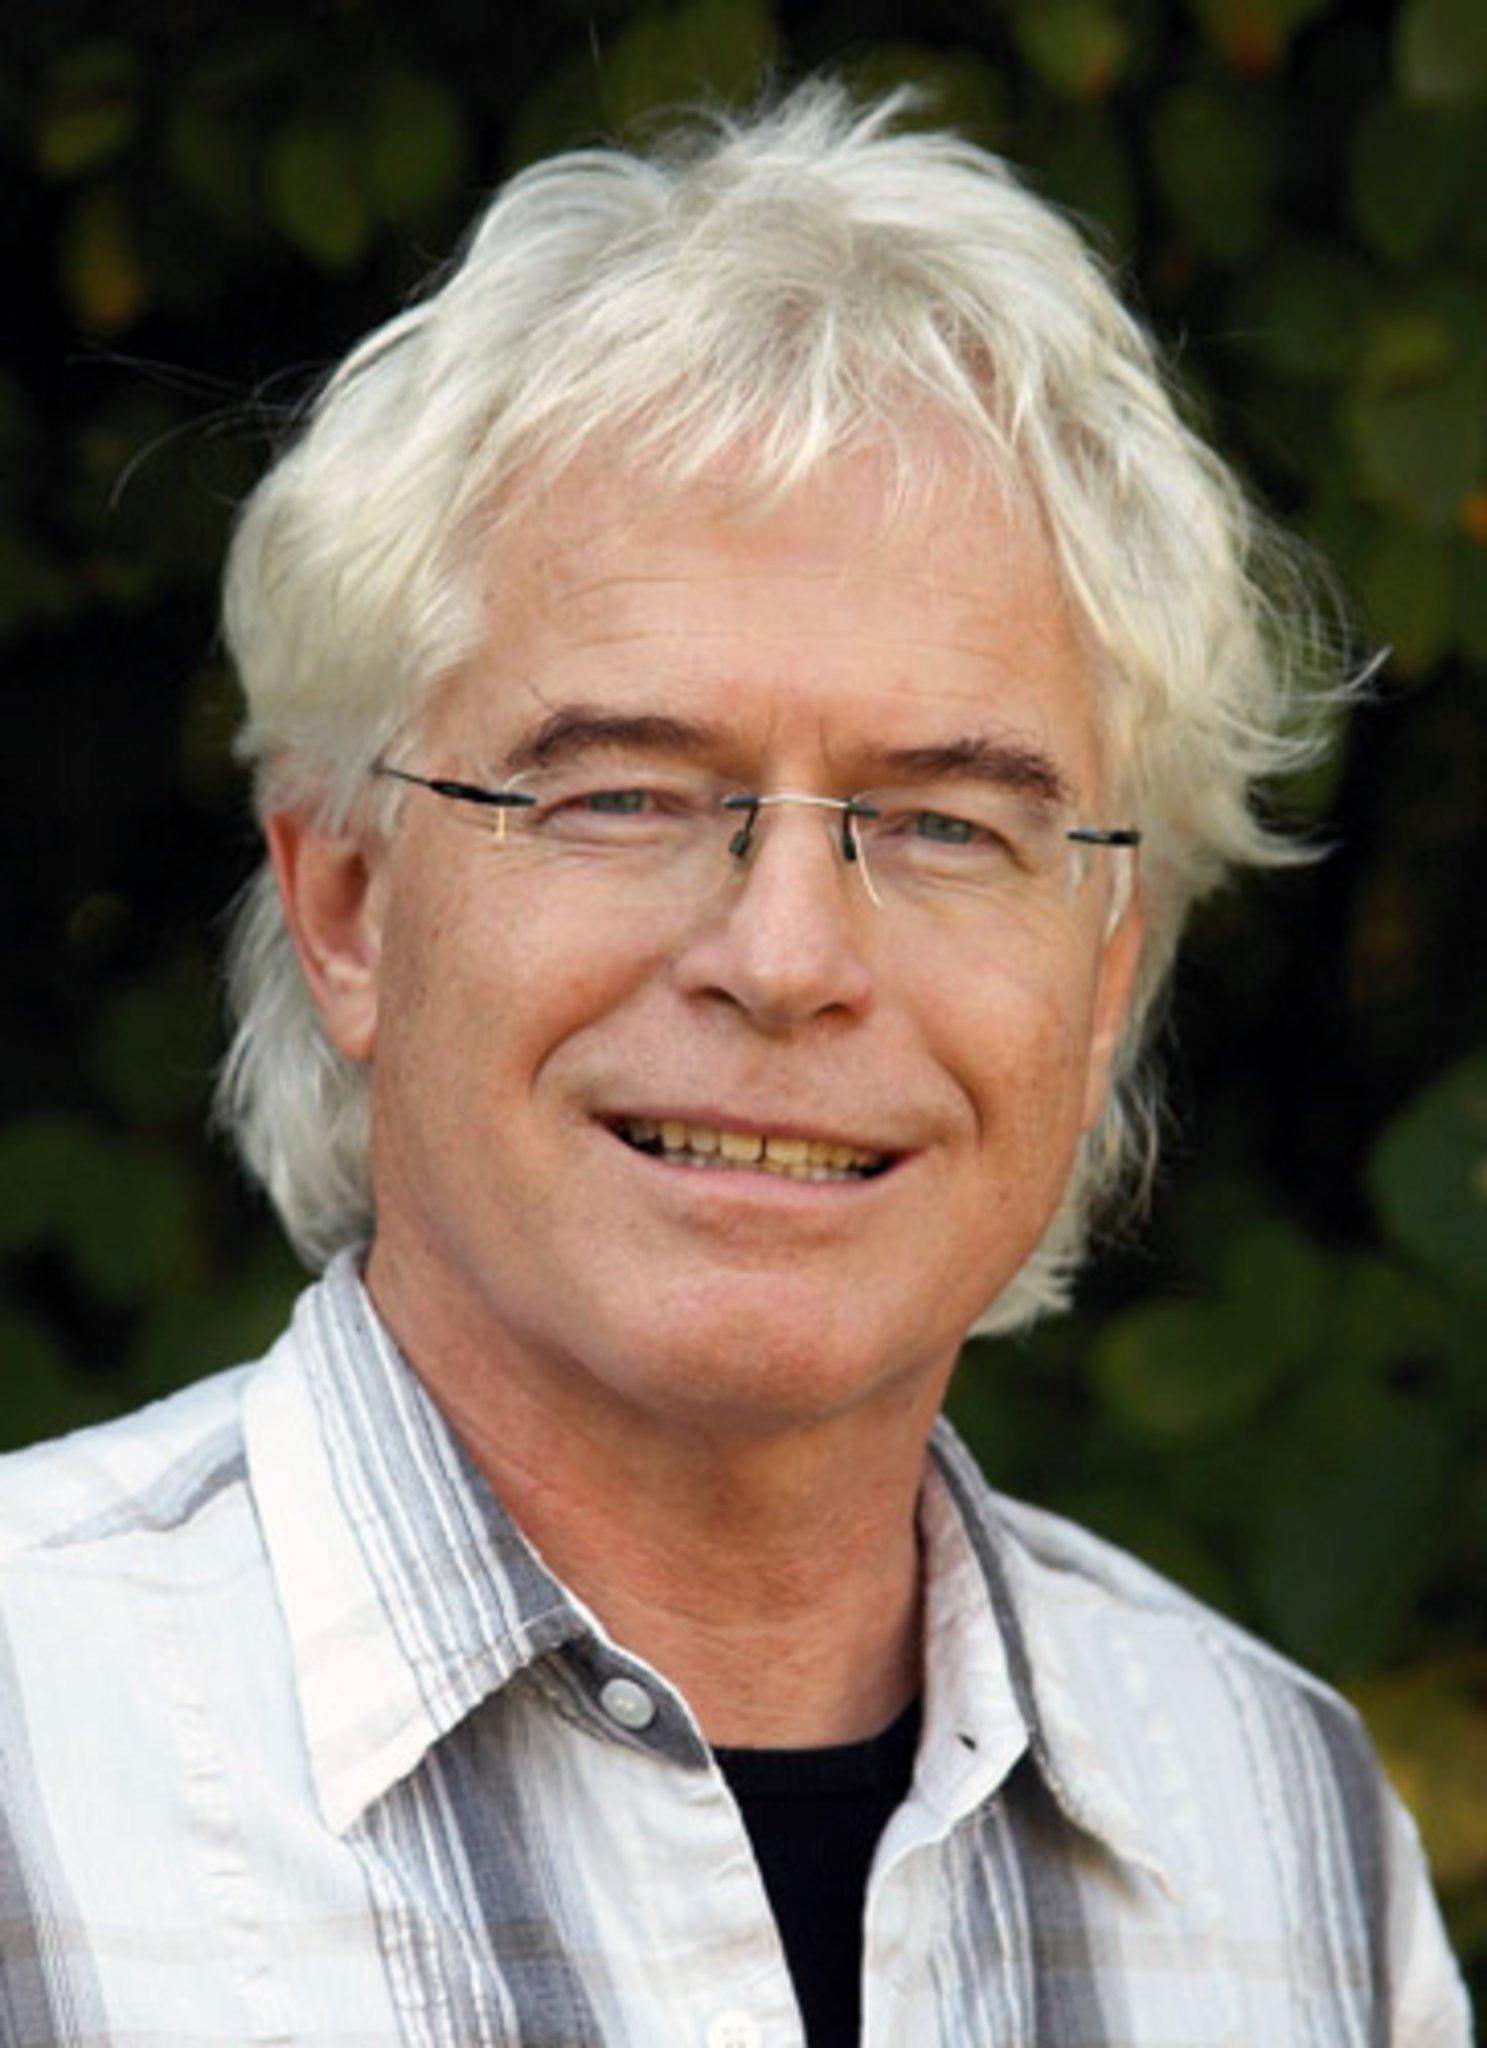 Liebe wird sein: Dorstener Pfarrer schreibt Ratgeber für Trauernde - Lokalkompass.de